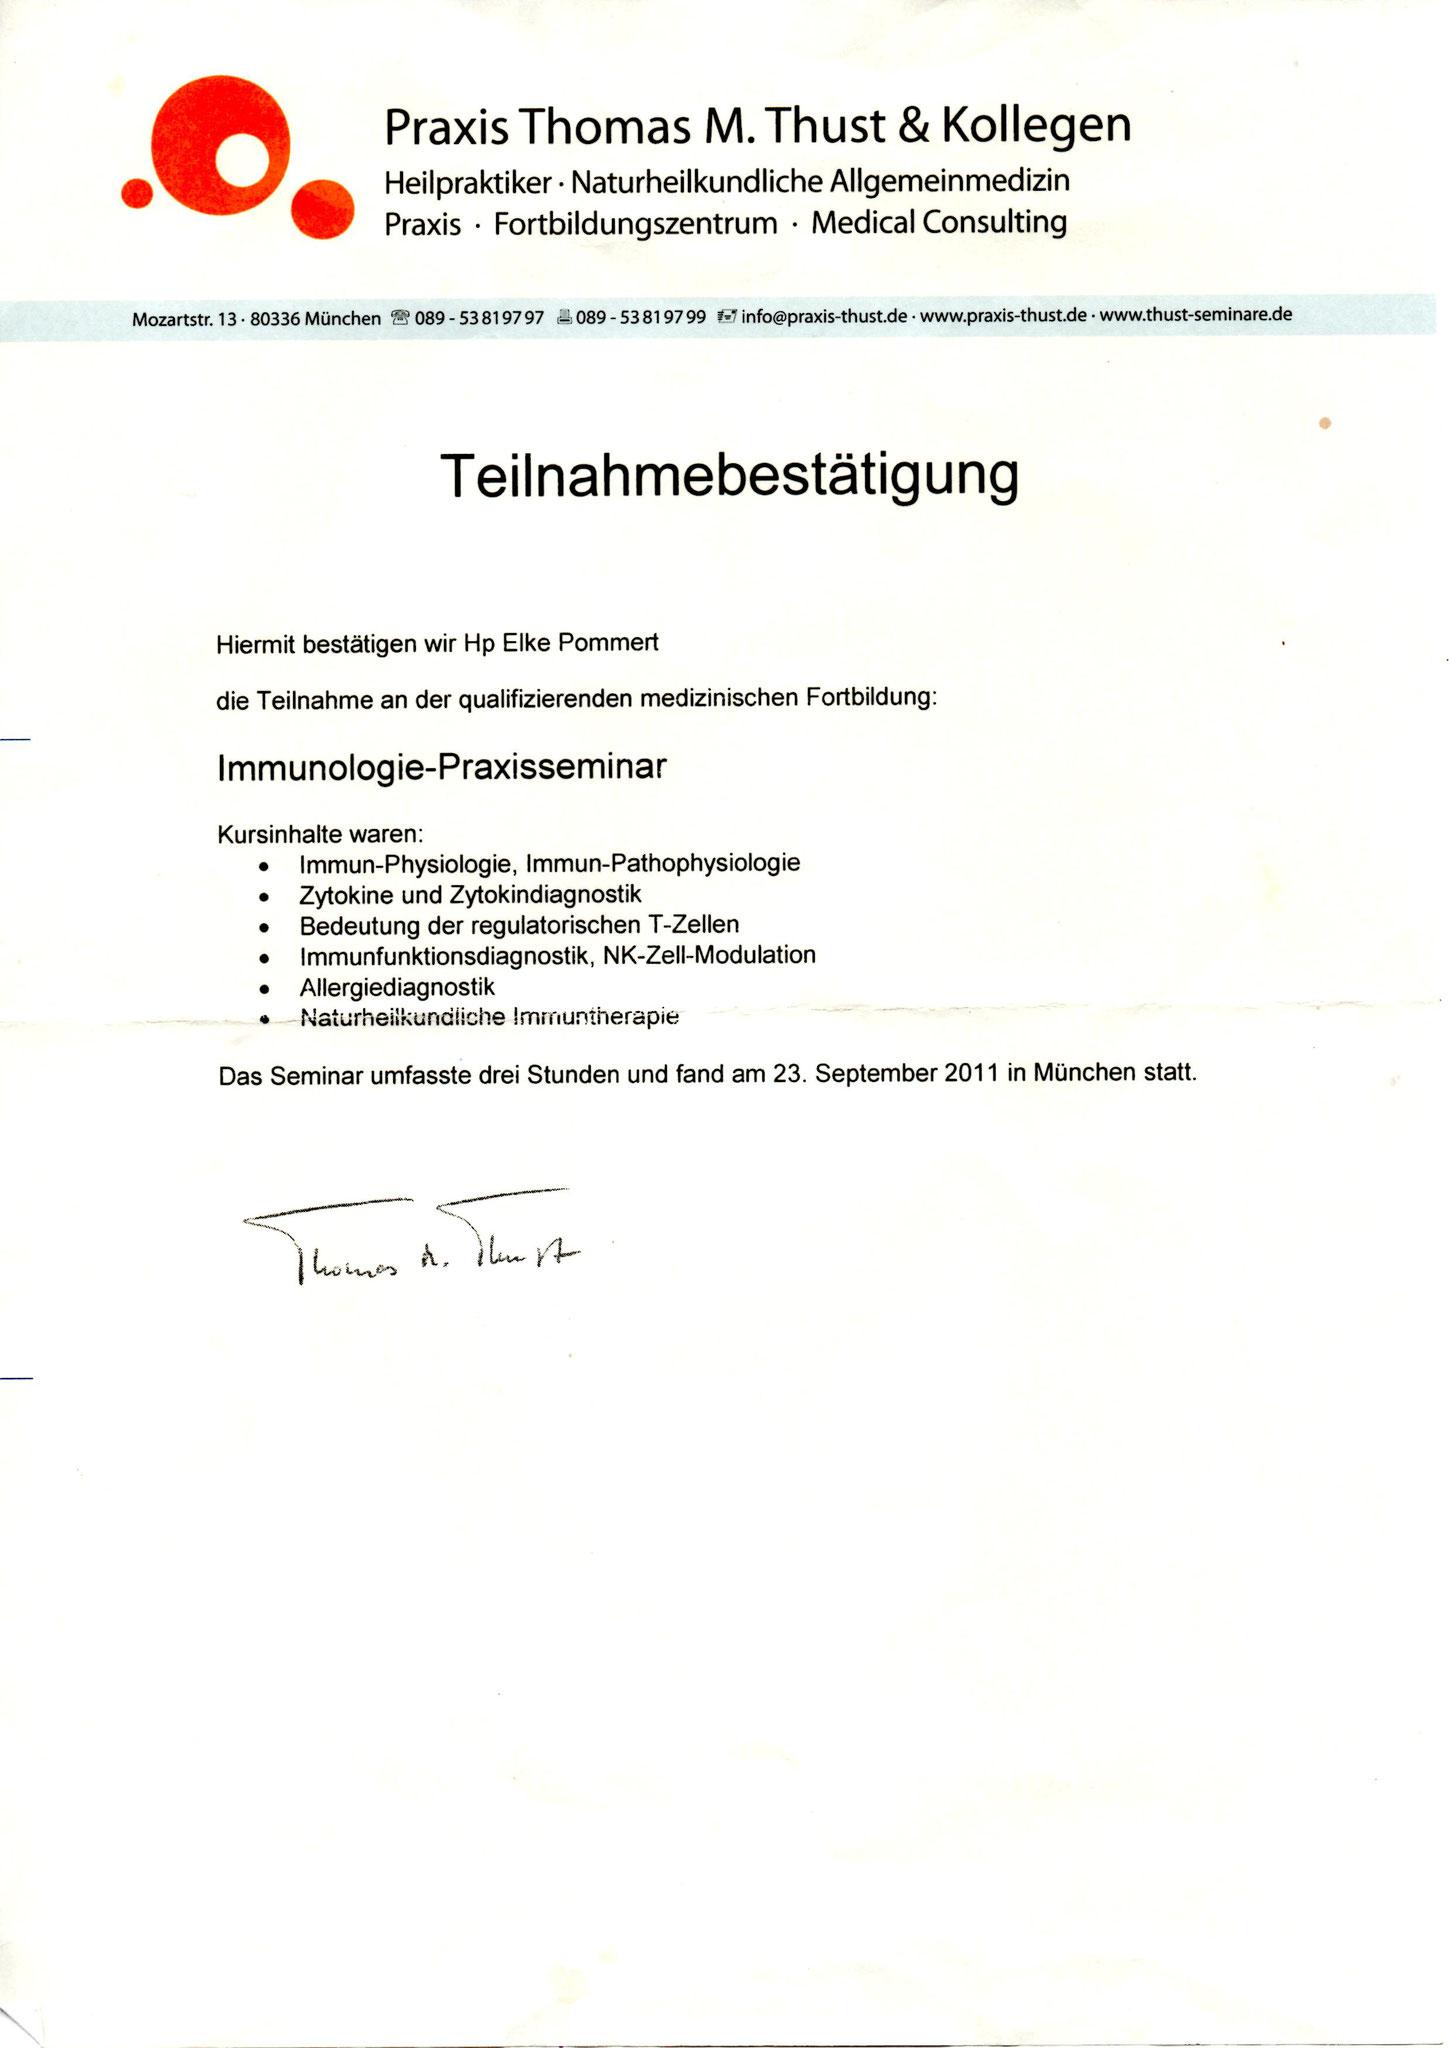 Immunologie-Praxisseminar